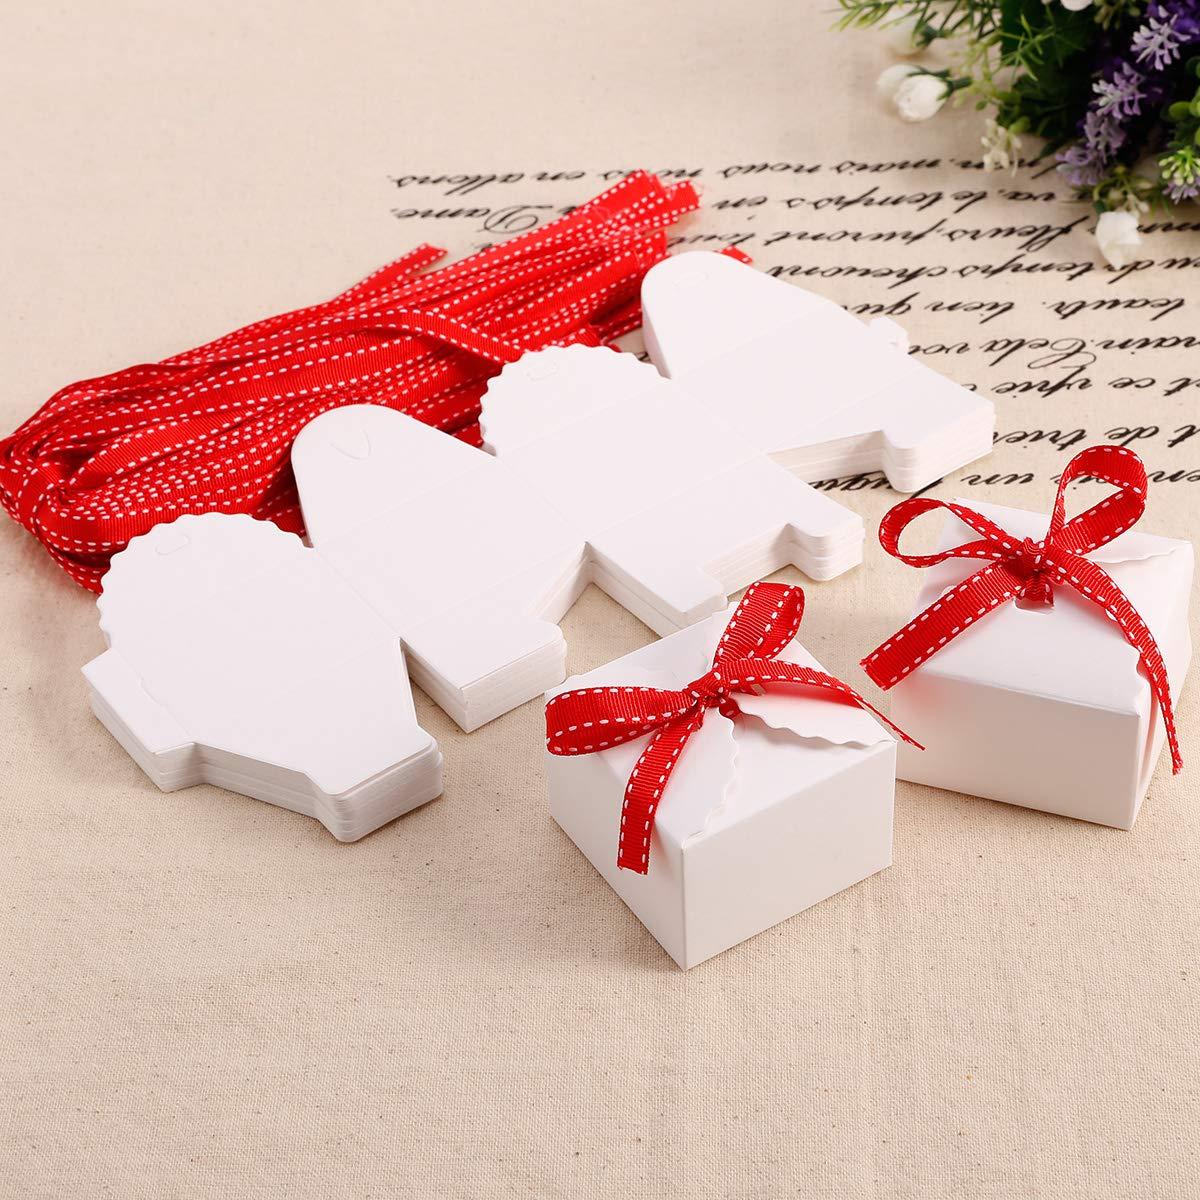 Bastelmaterialien Geschenkbeutel Gastgeschenk Tischdeko Geburt Rosa Weiß 6 St Schnelle Farbe Gedeckter Tisch